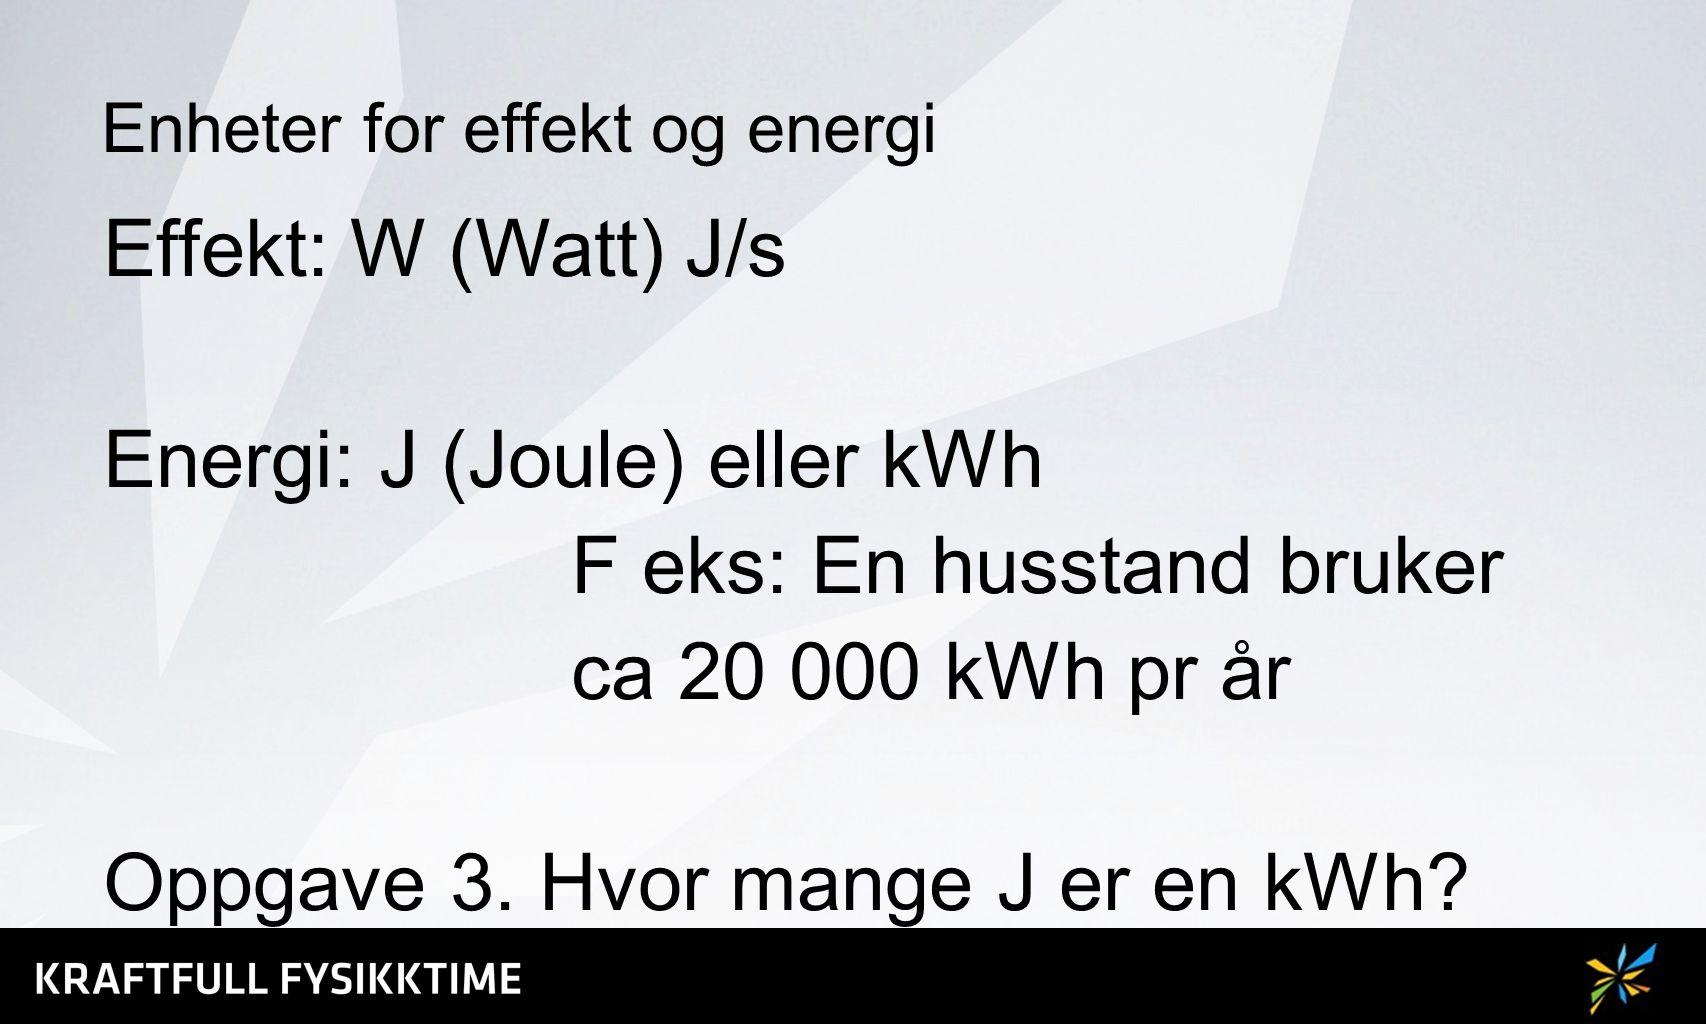 Enheter for effekt og energi